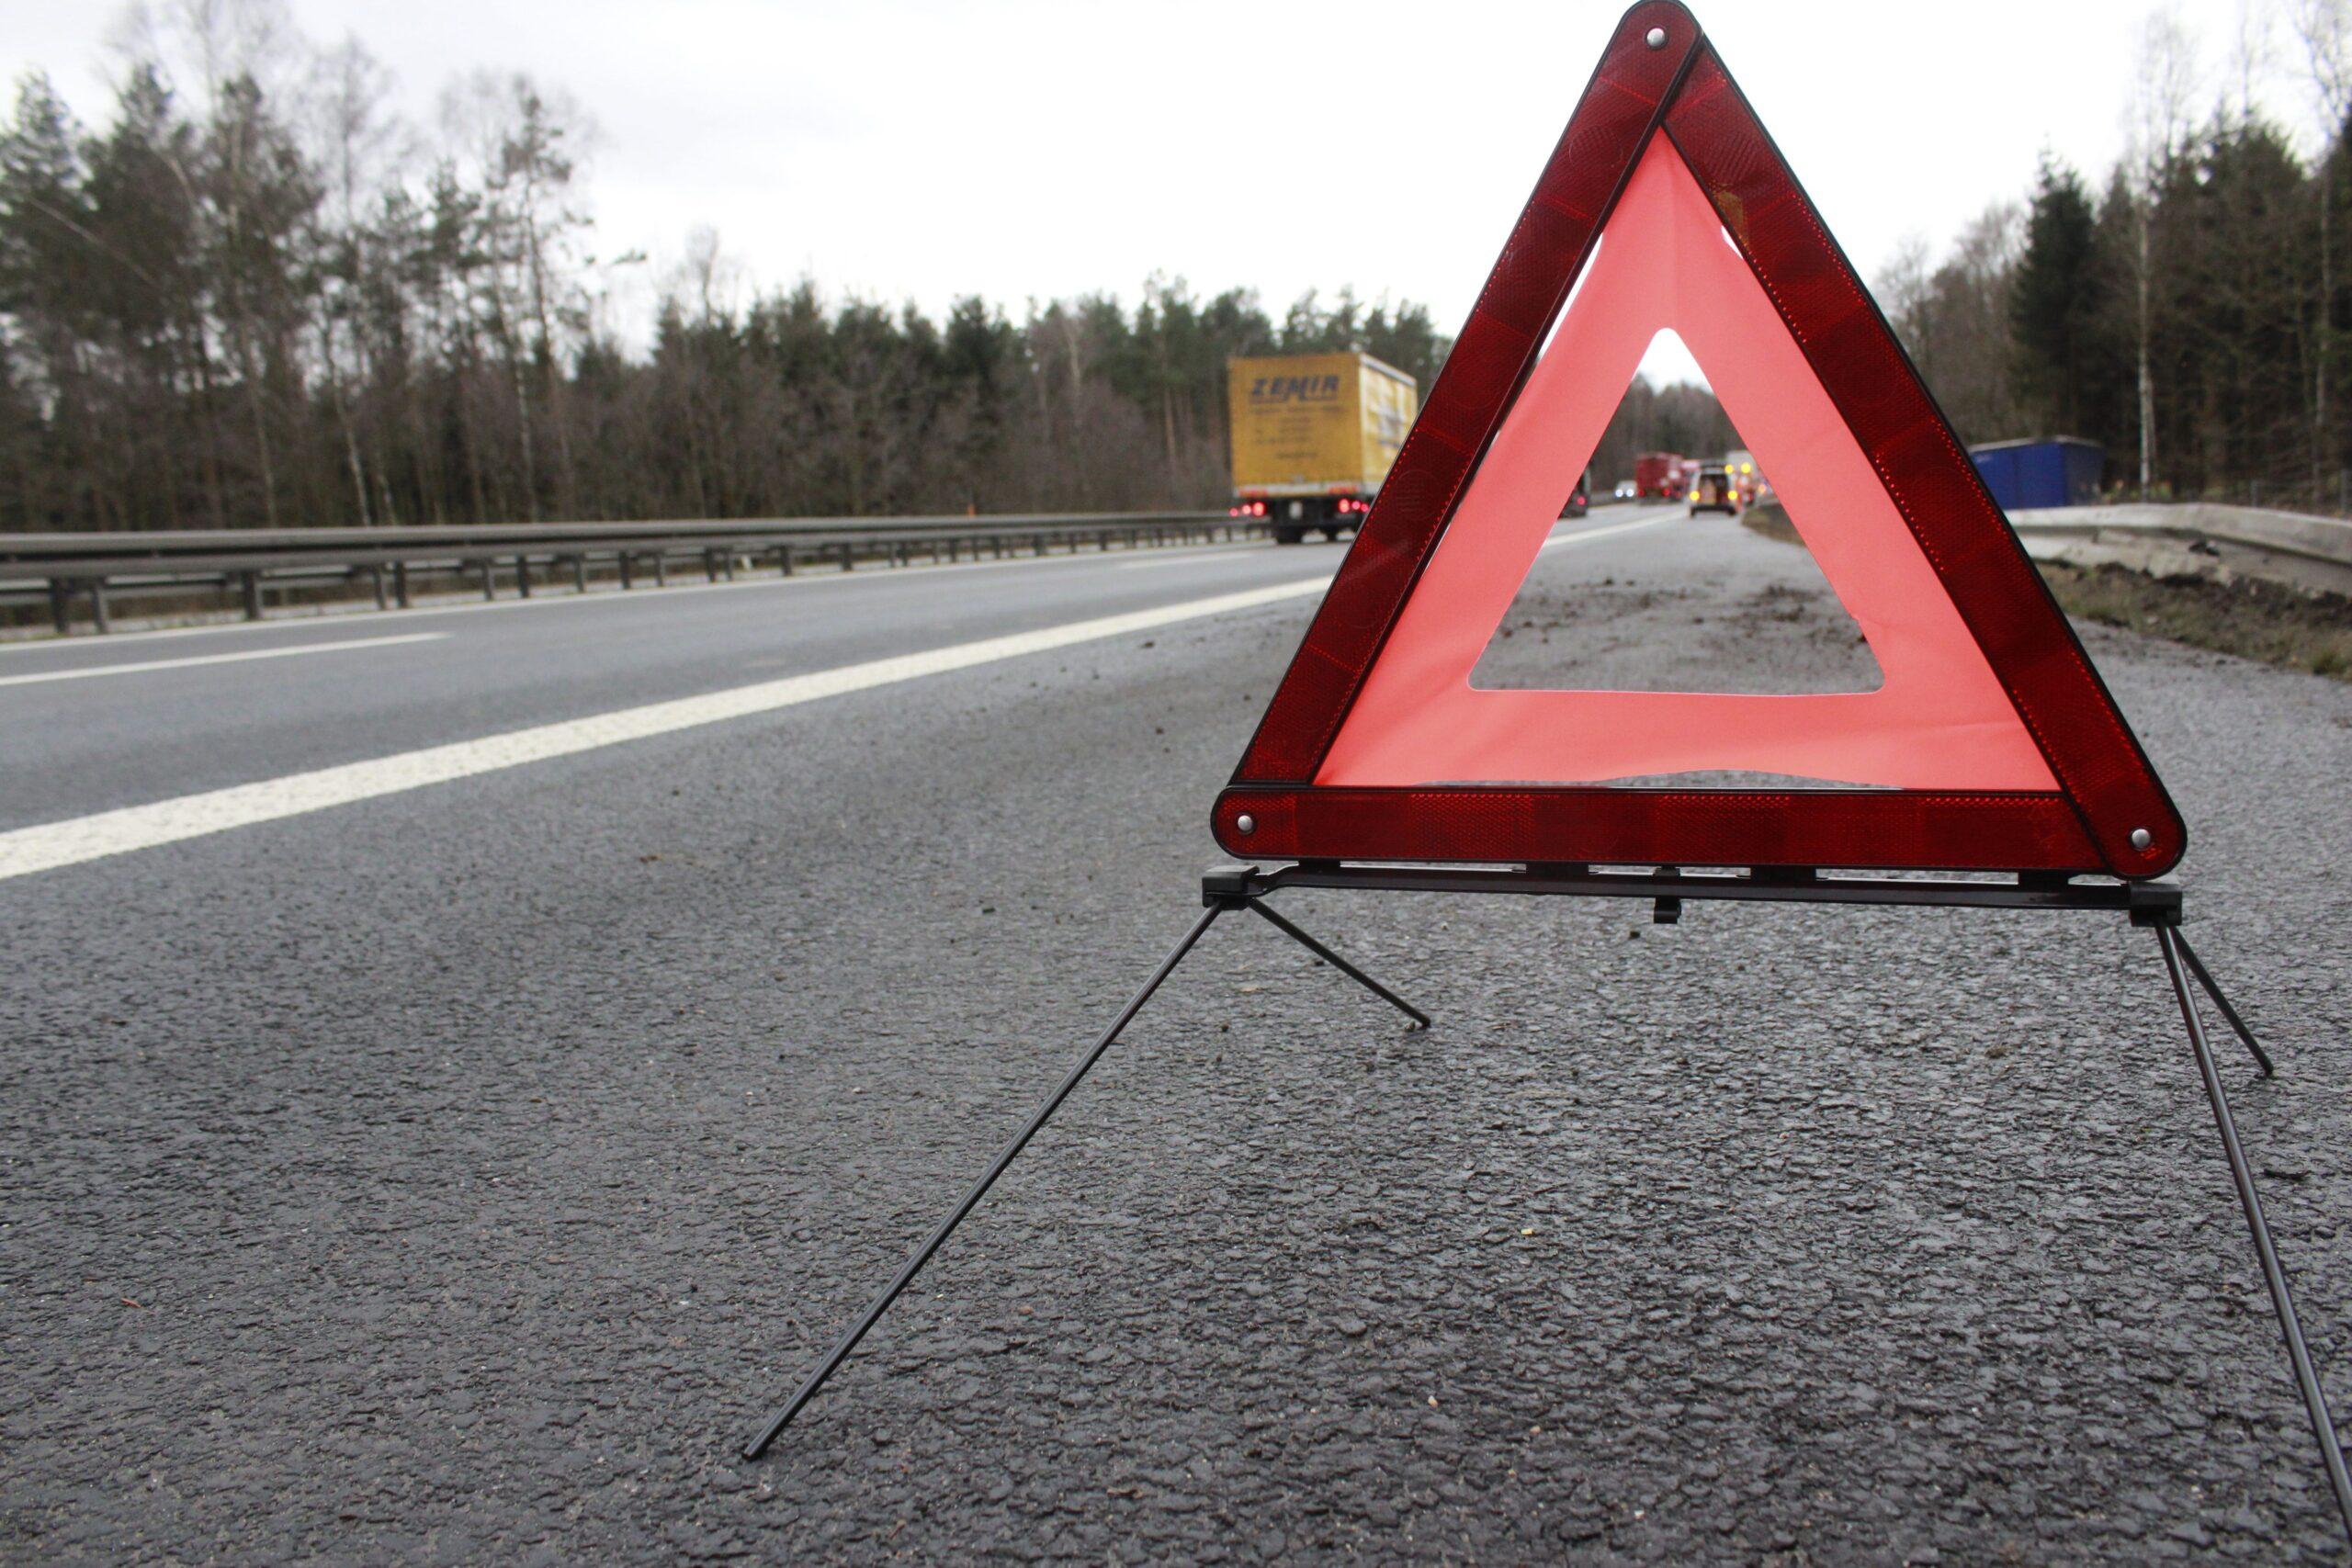 Kolizja na autostradzie A2 – utrudnienia w ruchu!